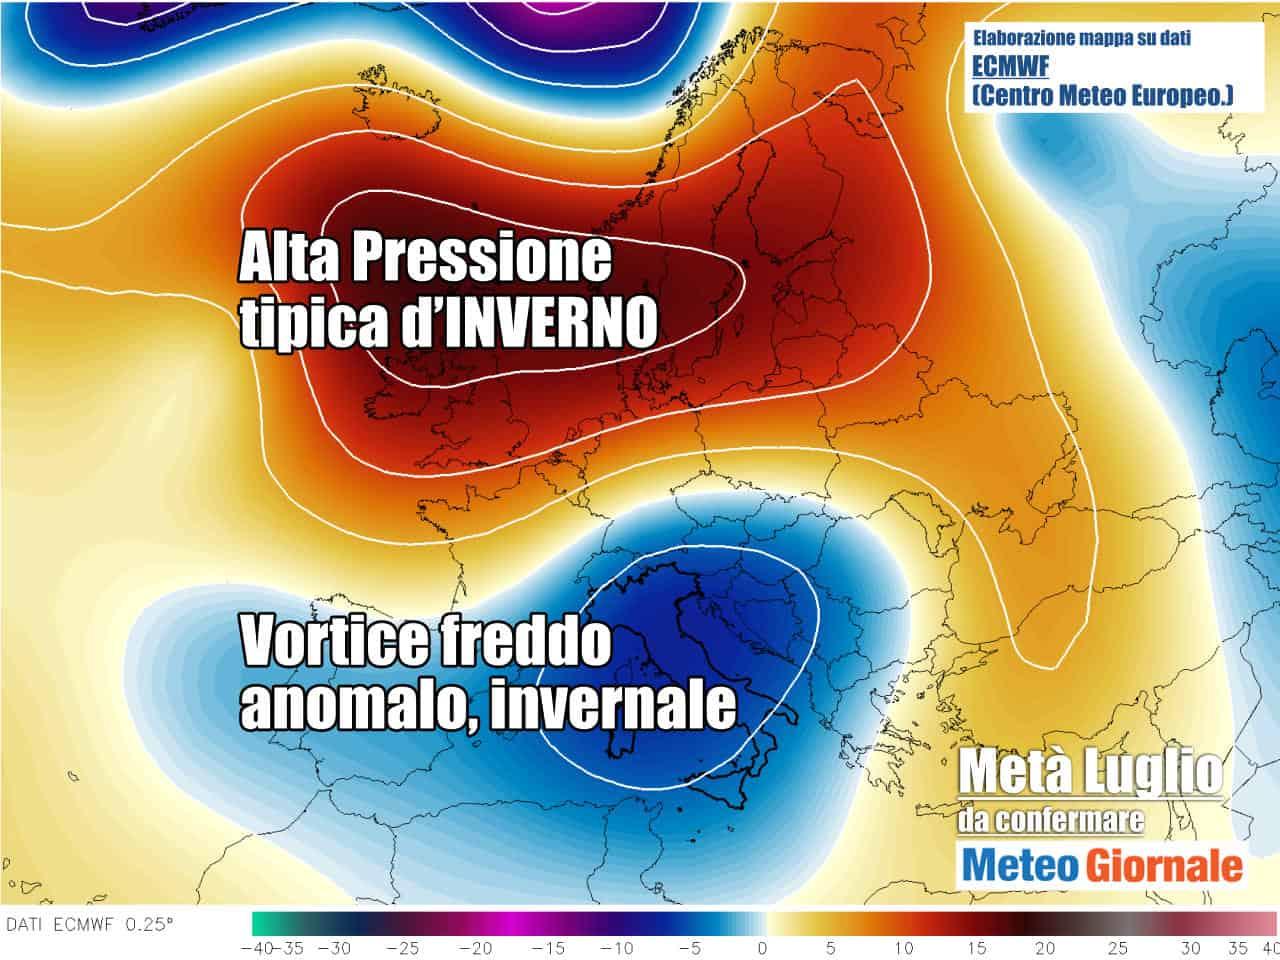 meteo stop estate con anomalie pesantissime - STOP Meteo Estate Goccia d'Aria Fredda dalla Rotta Italia. Rischio Temporali